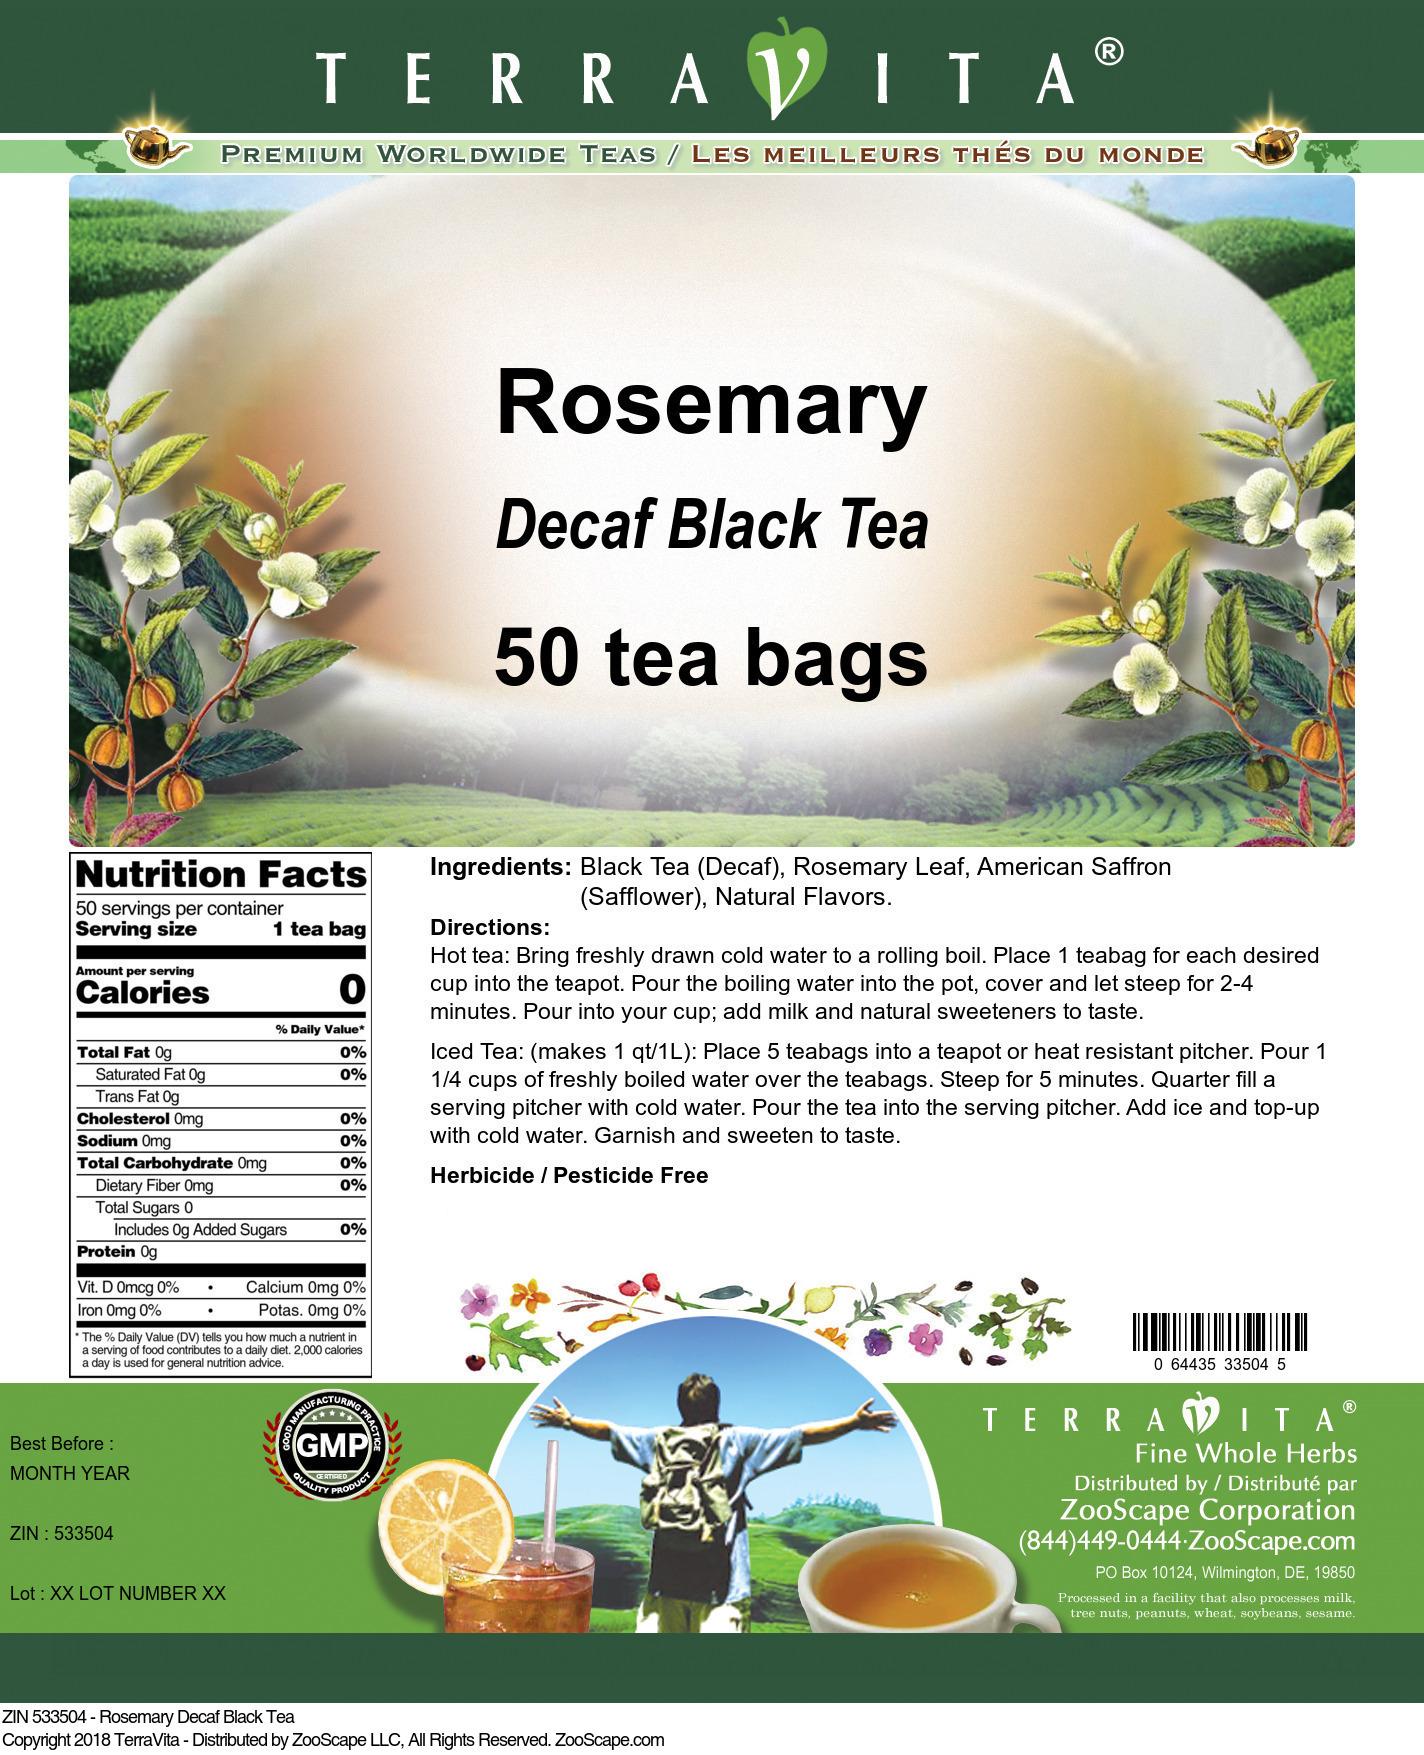 Rosemary Decaf Black Tea